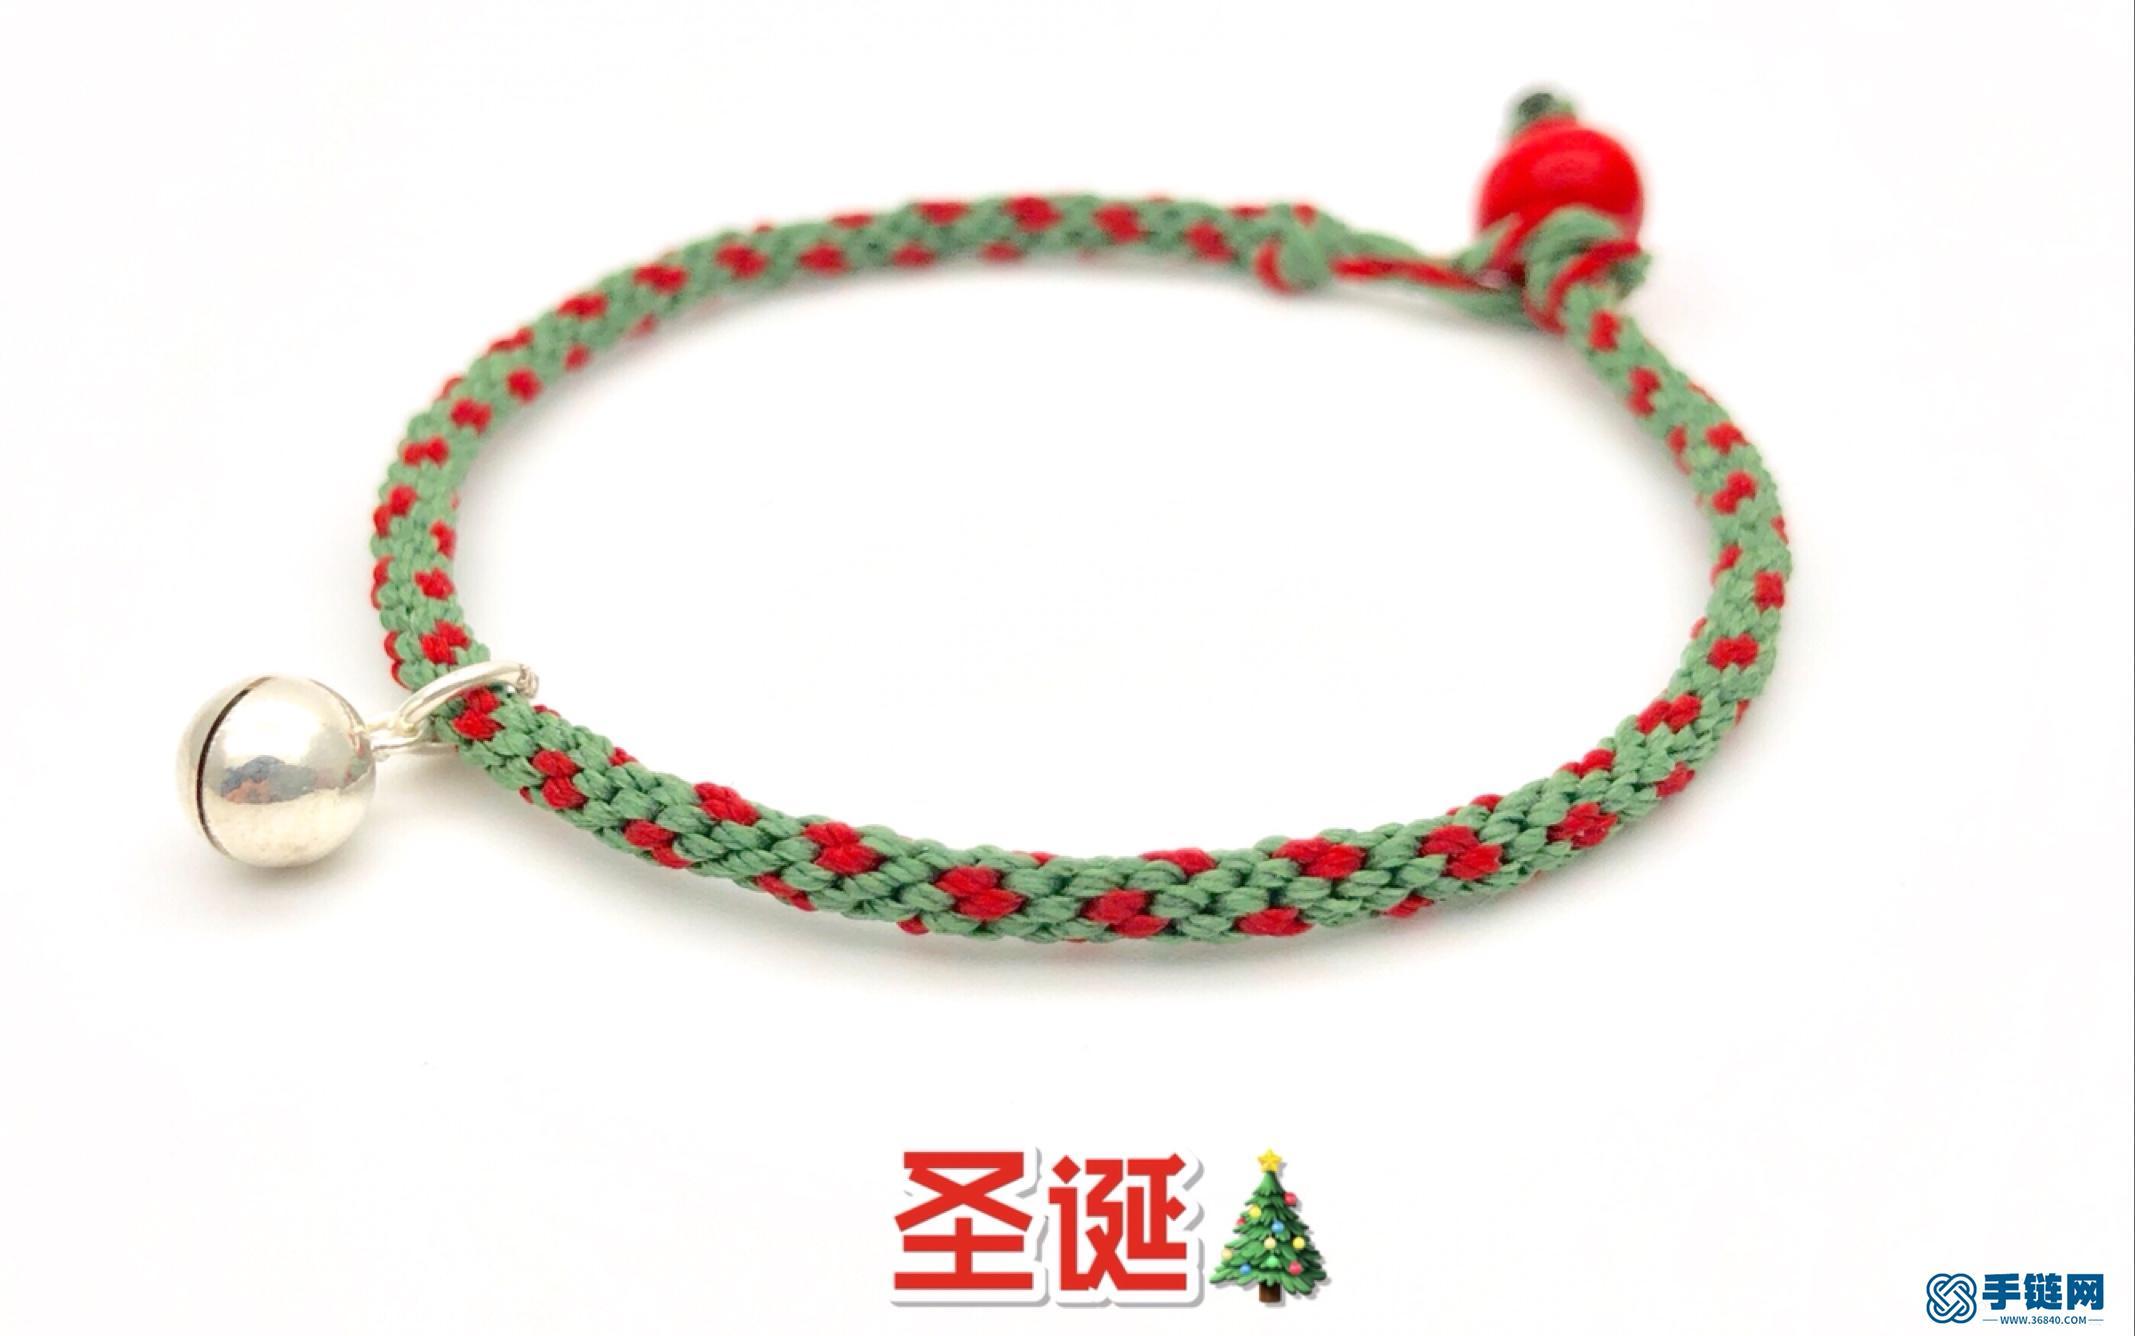 圣诞手链教程